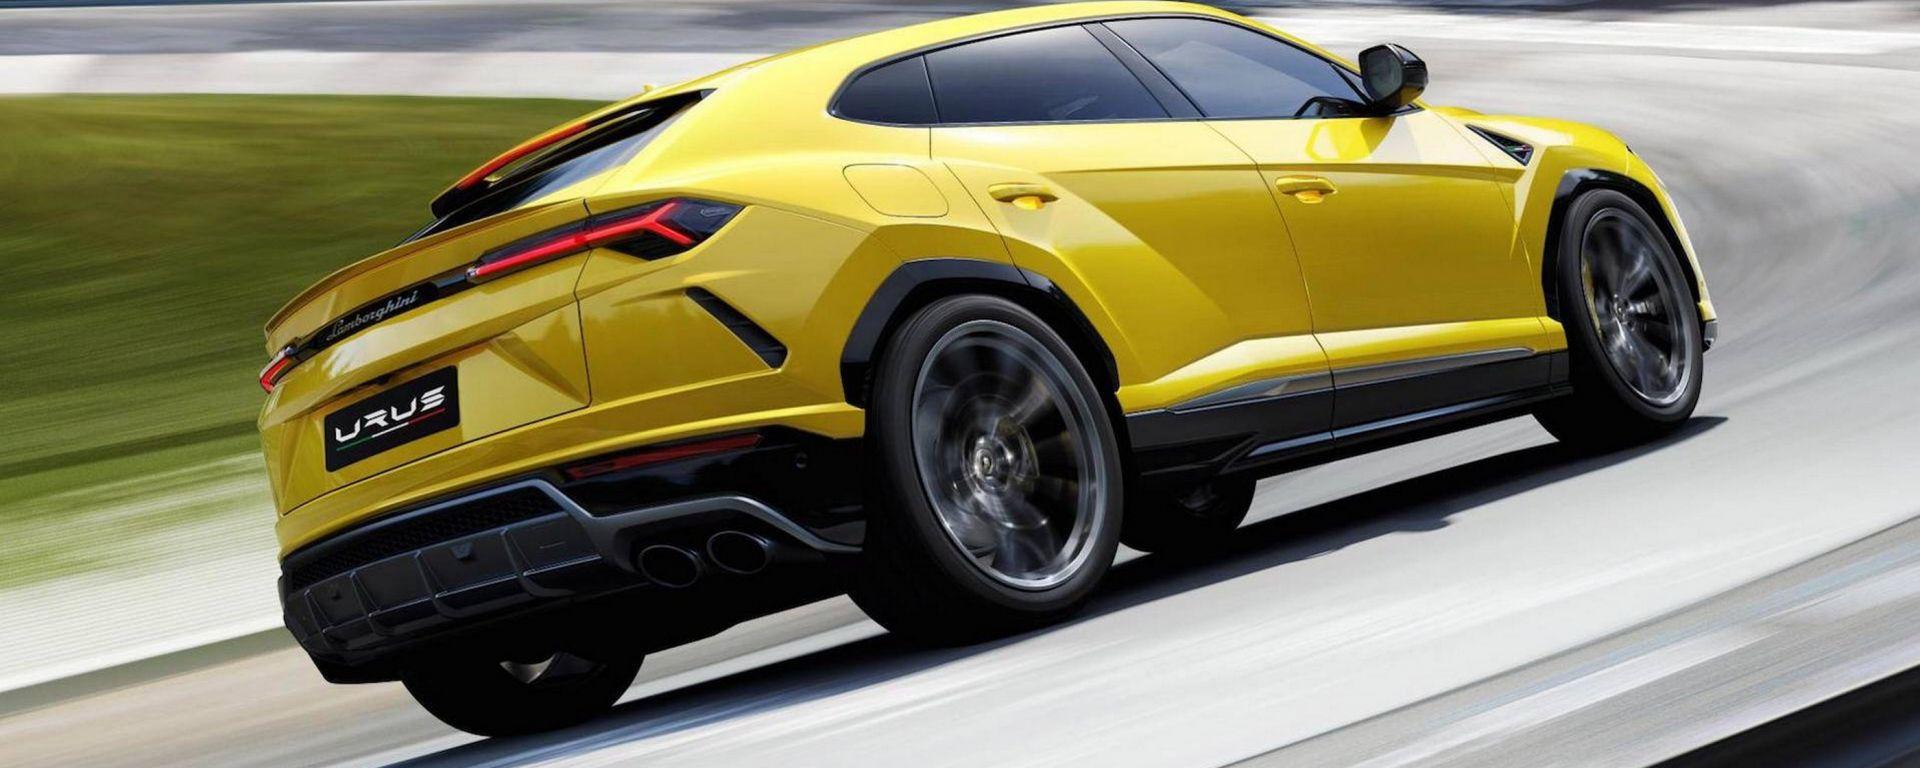 Lamborghini Urus: i media stranieri criticano il sound